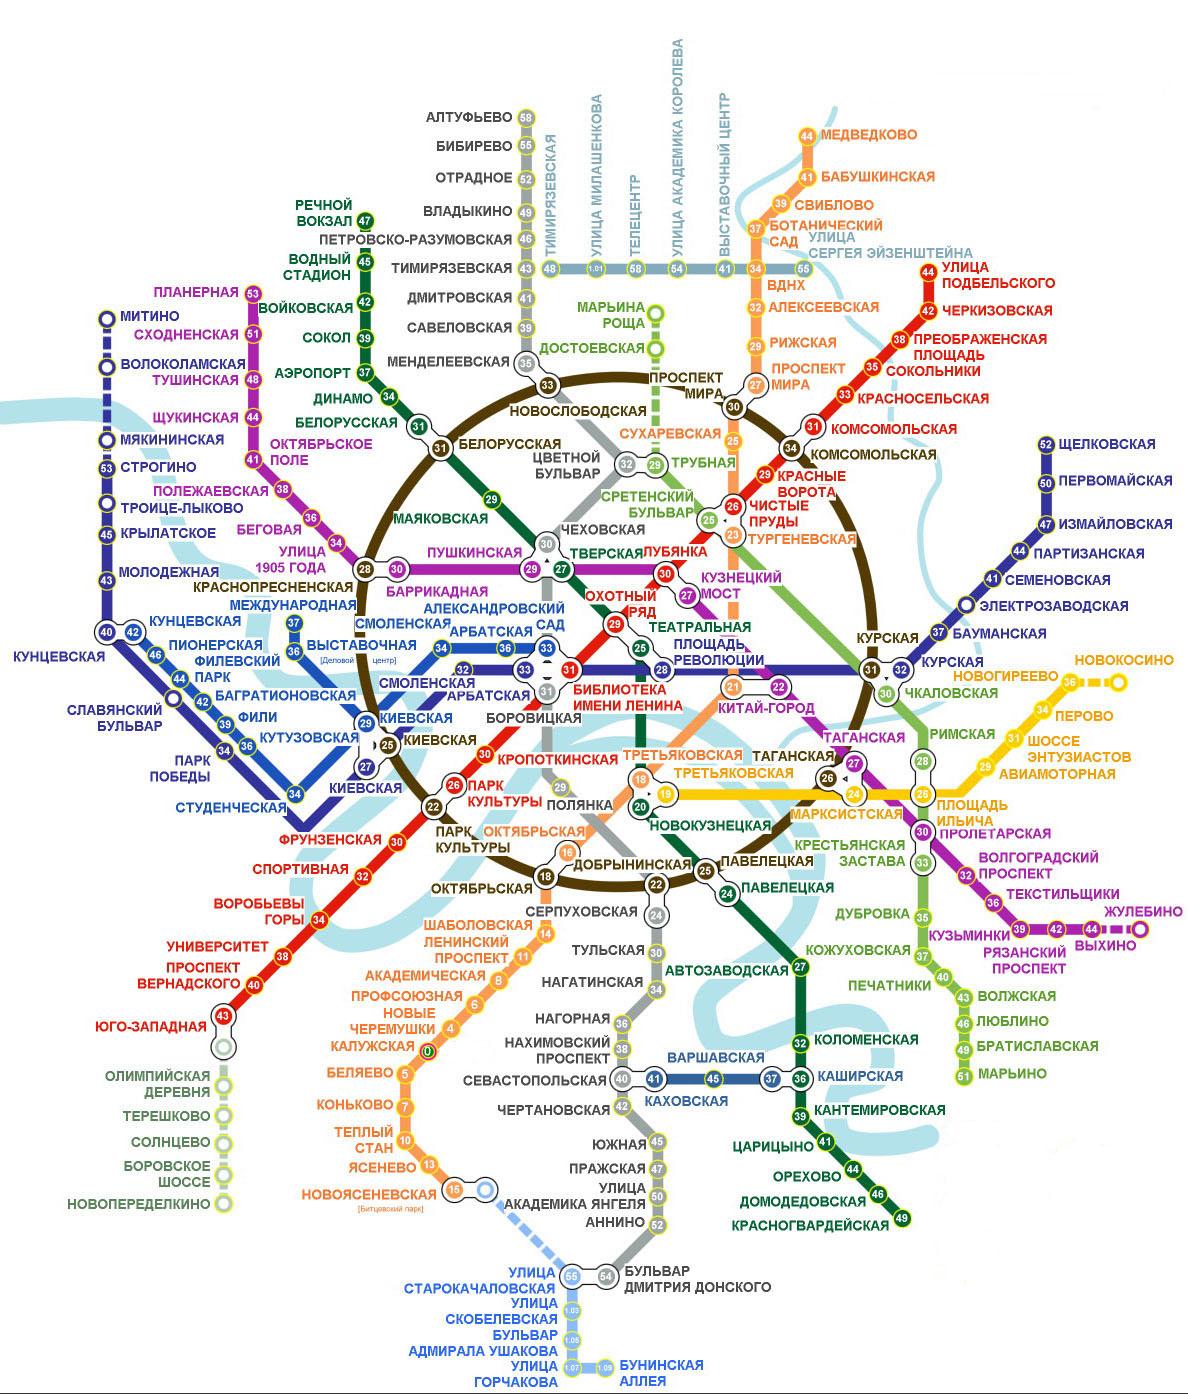 схема метро москвы со стрелками